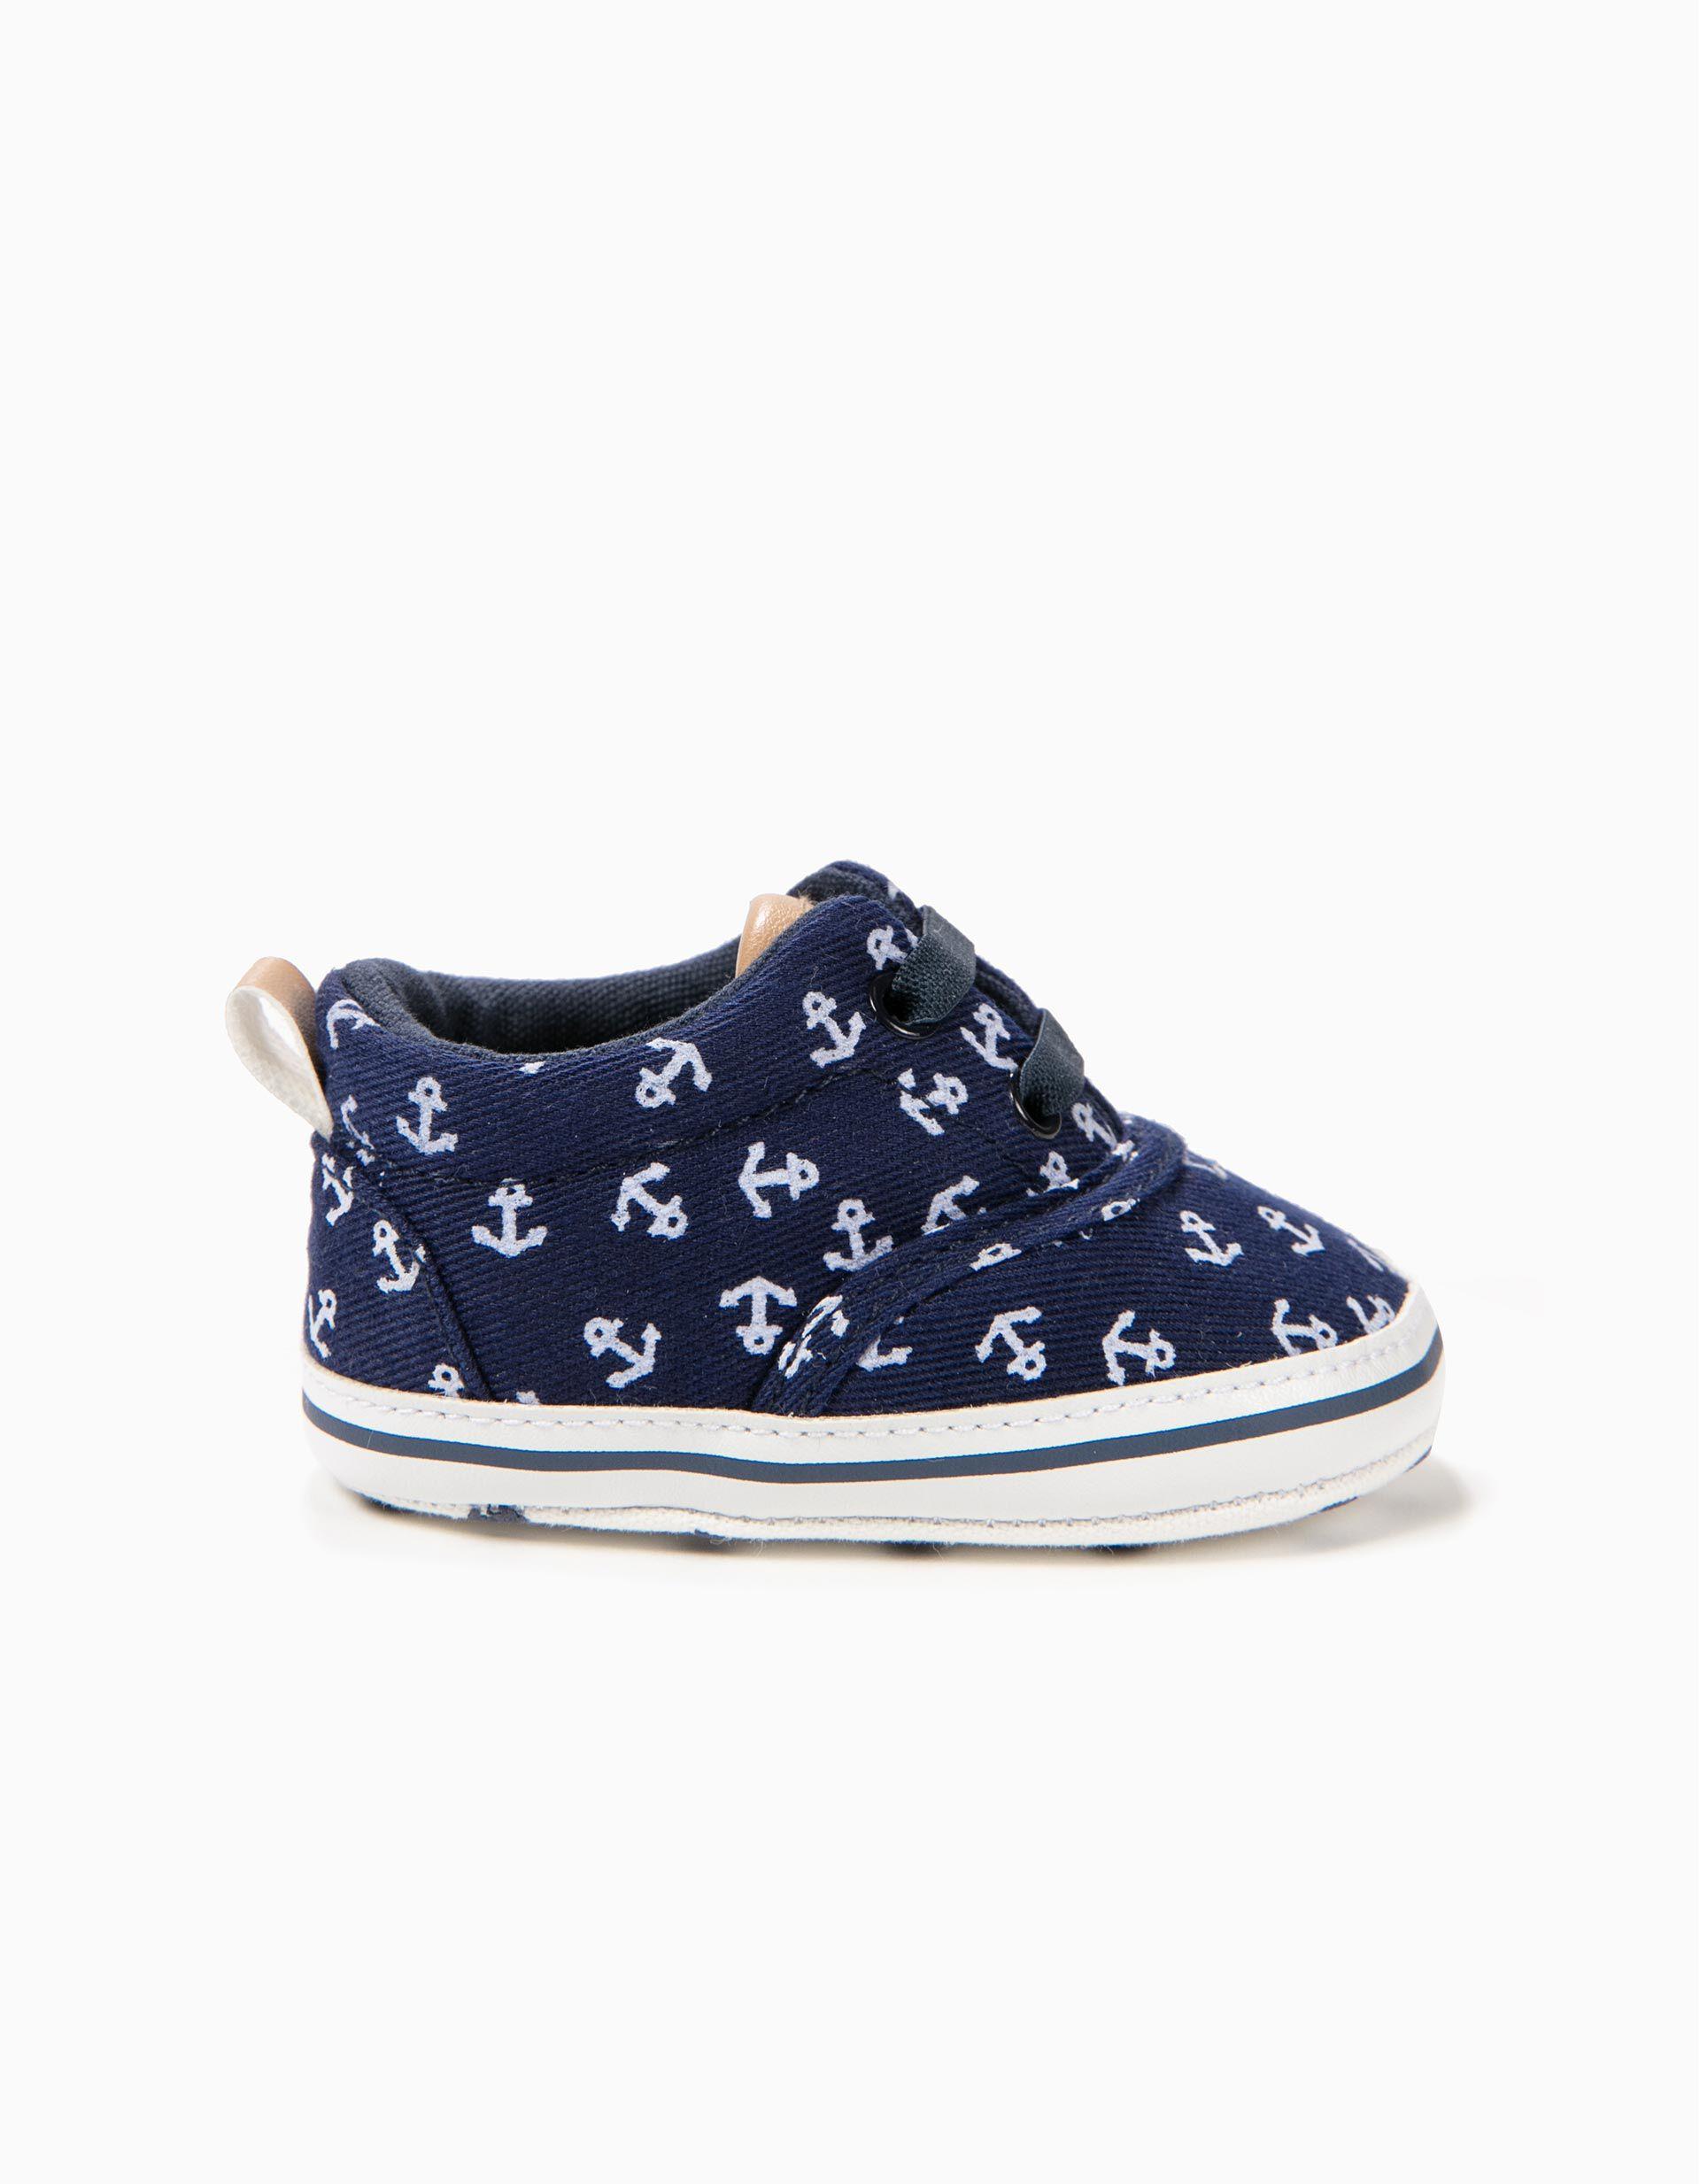 Sapatos para Recém Nascido 'Anchors', Azul